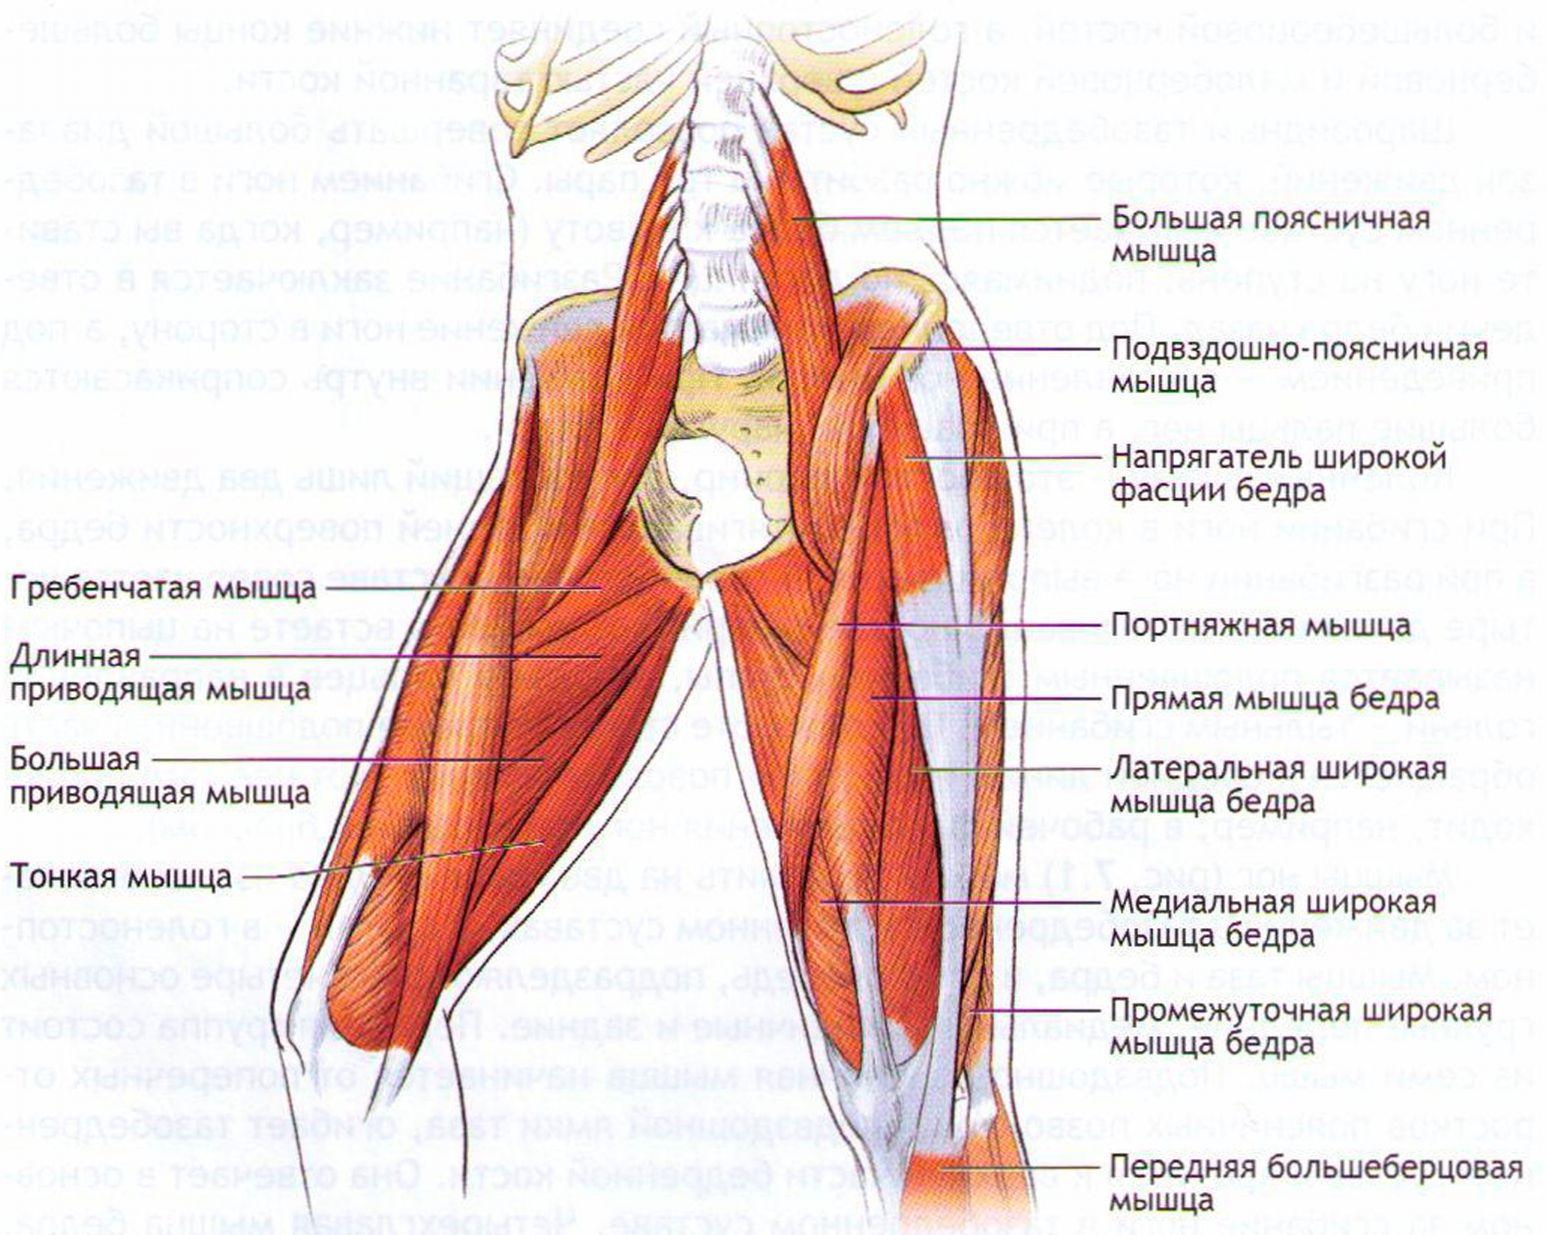 Мышцы составляющие бедра